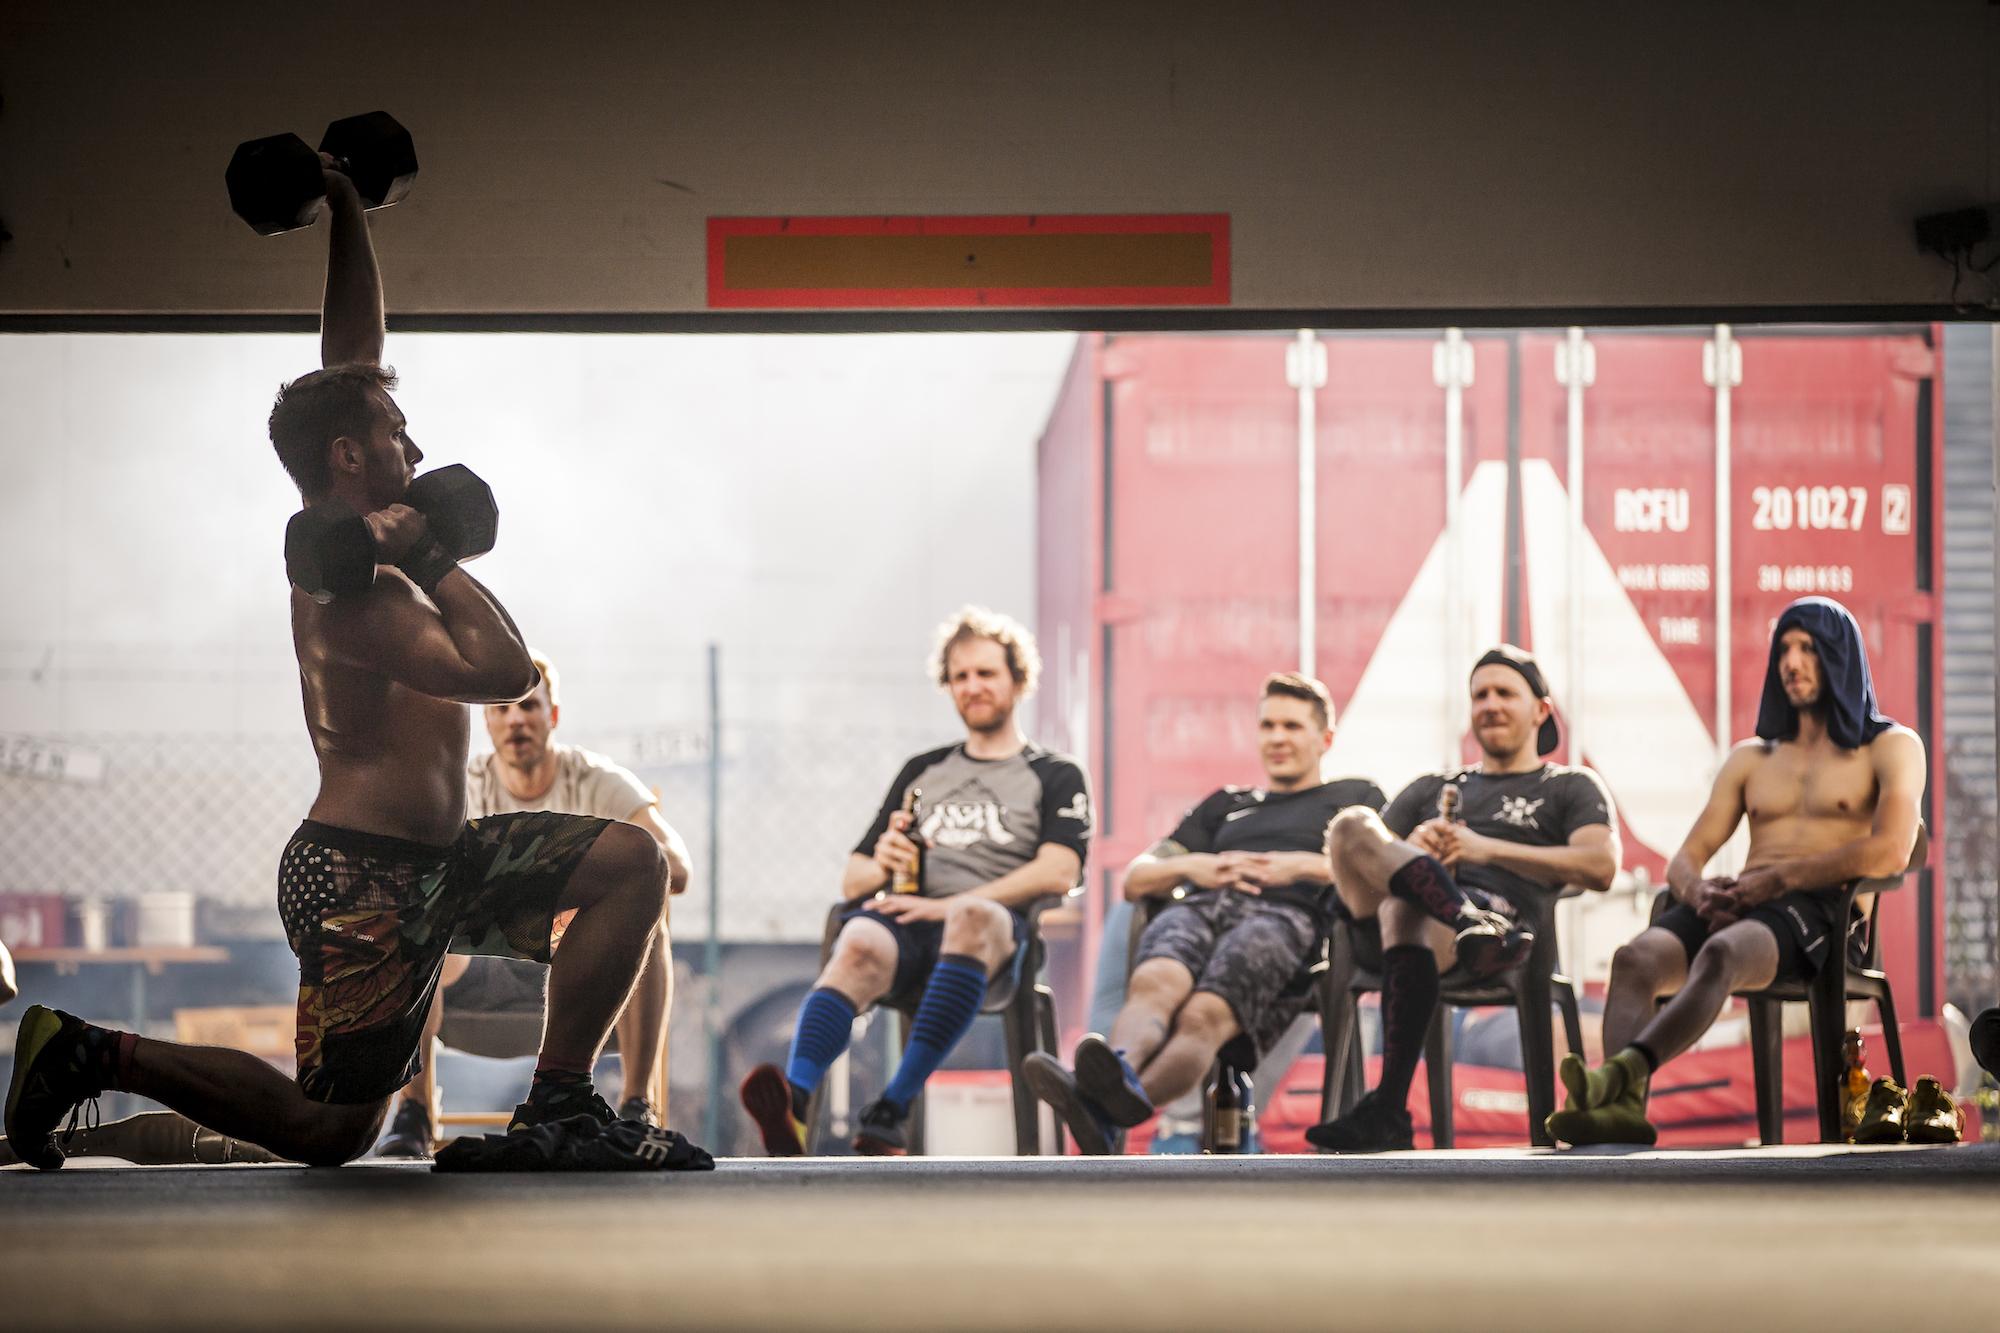 CrossFit: Forging Elite Fitness: Thursday 181025